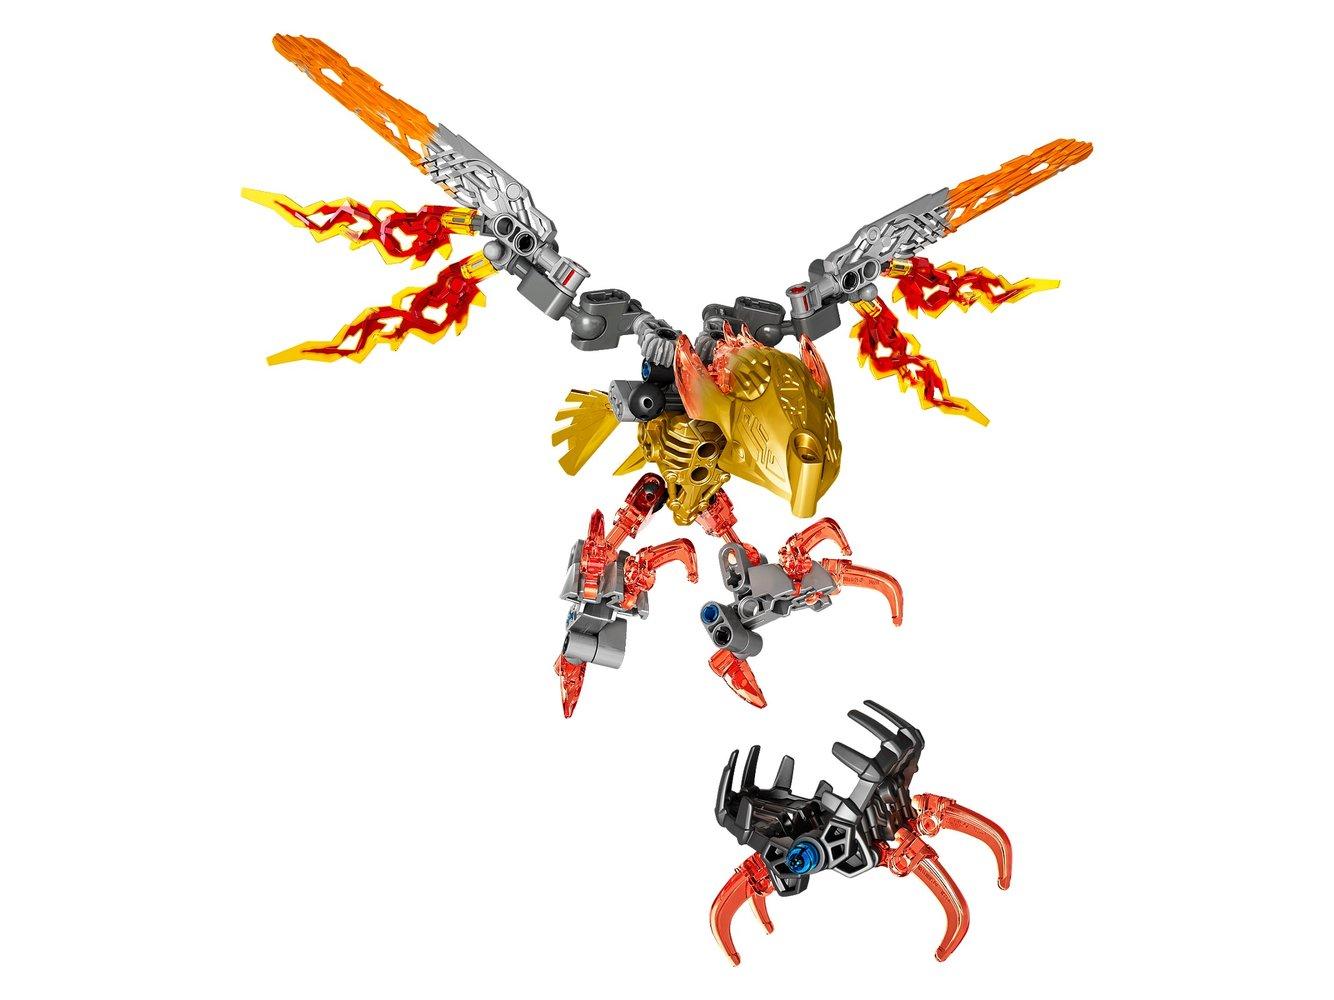 Ikir Creature of Fire